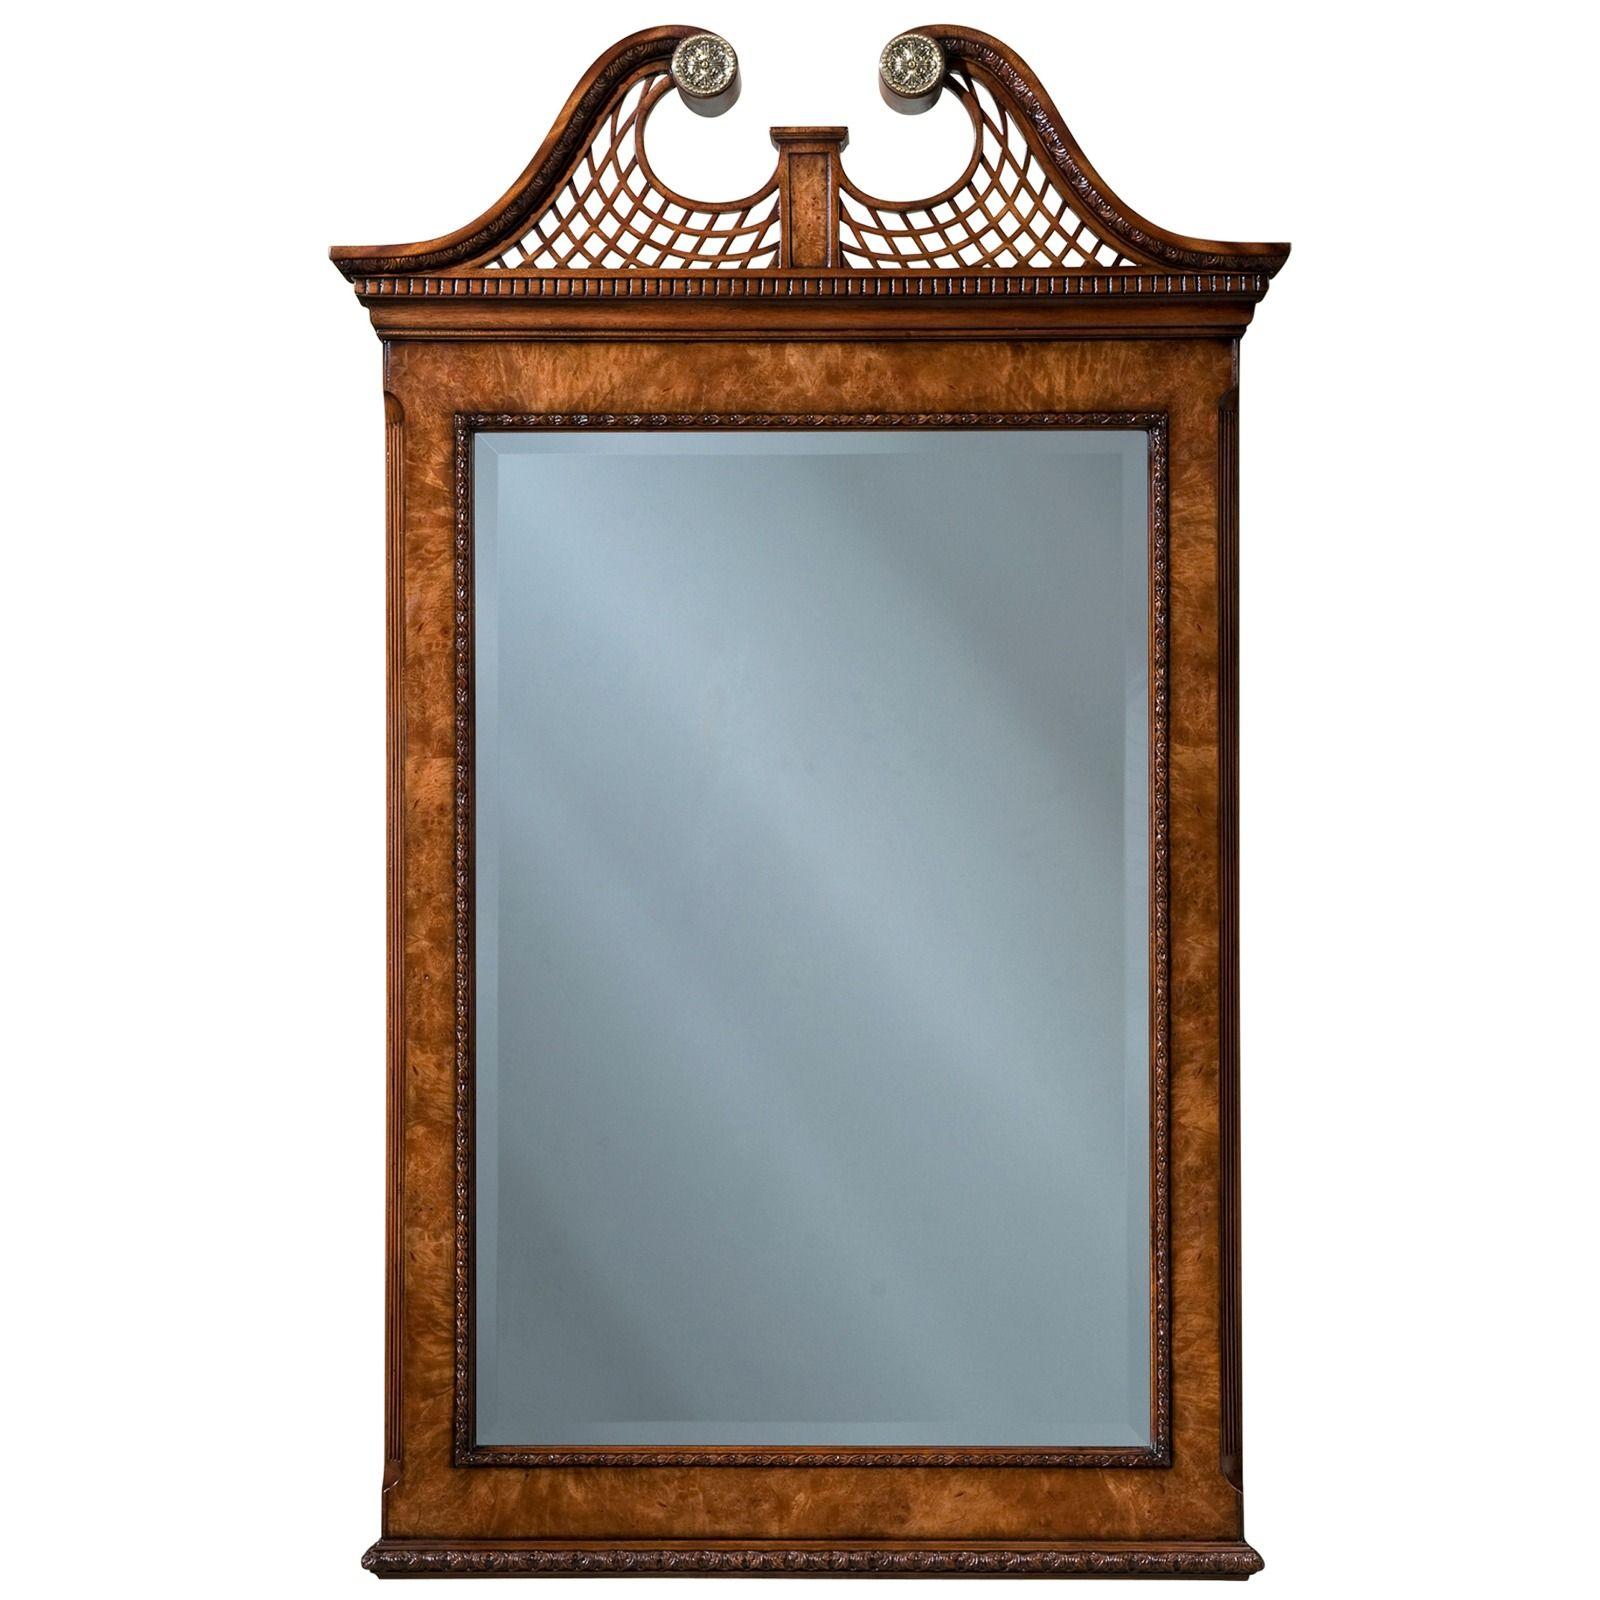 Mahogany and birds eye maple wall mirror